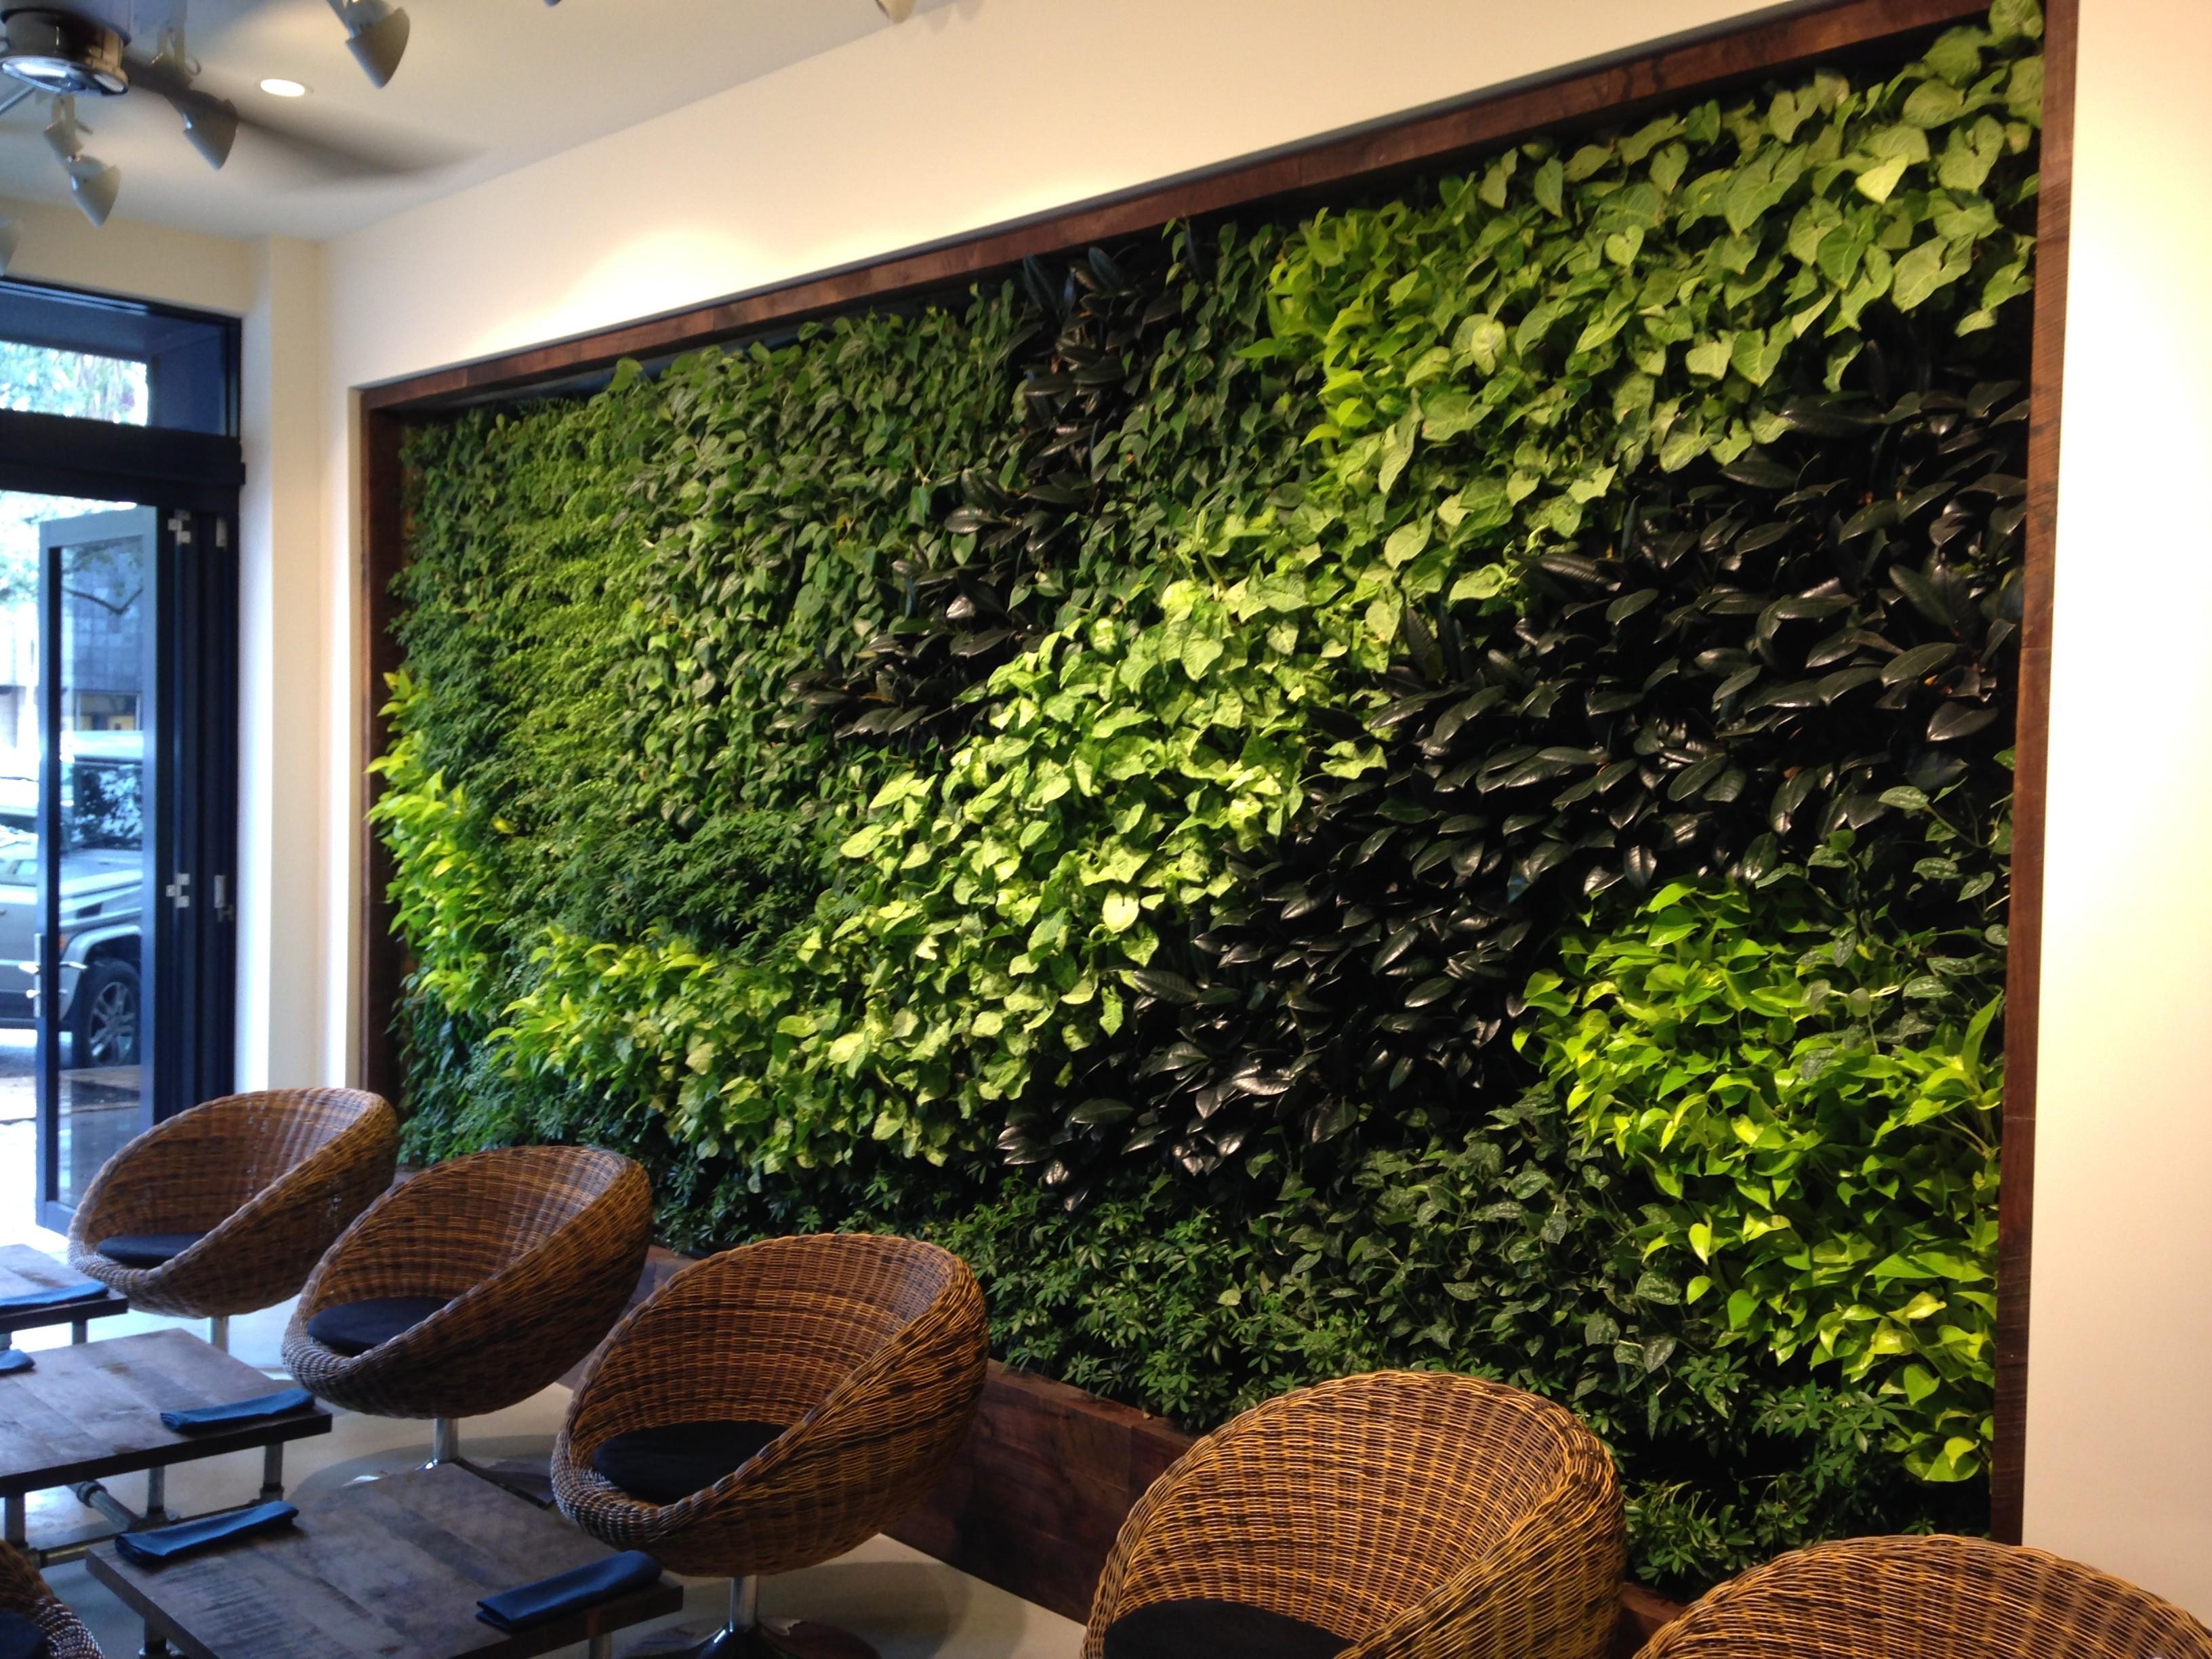 sehr tolle Idee mit Pflanzen Grüne Wandgestaltung